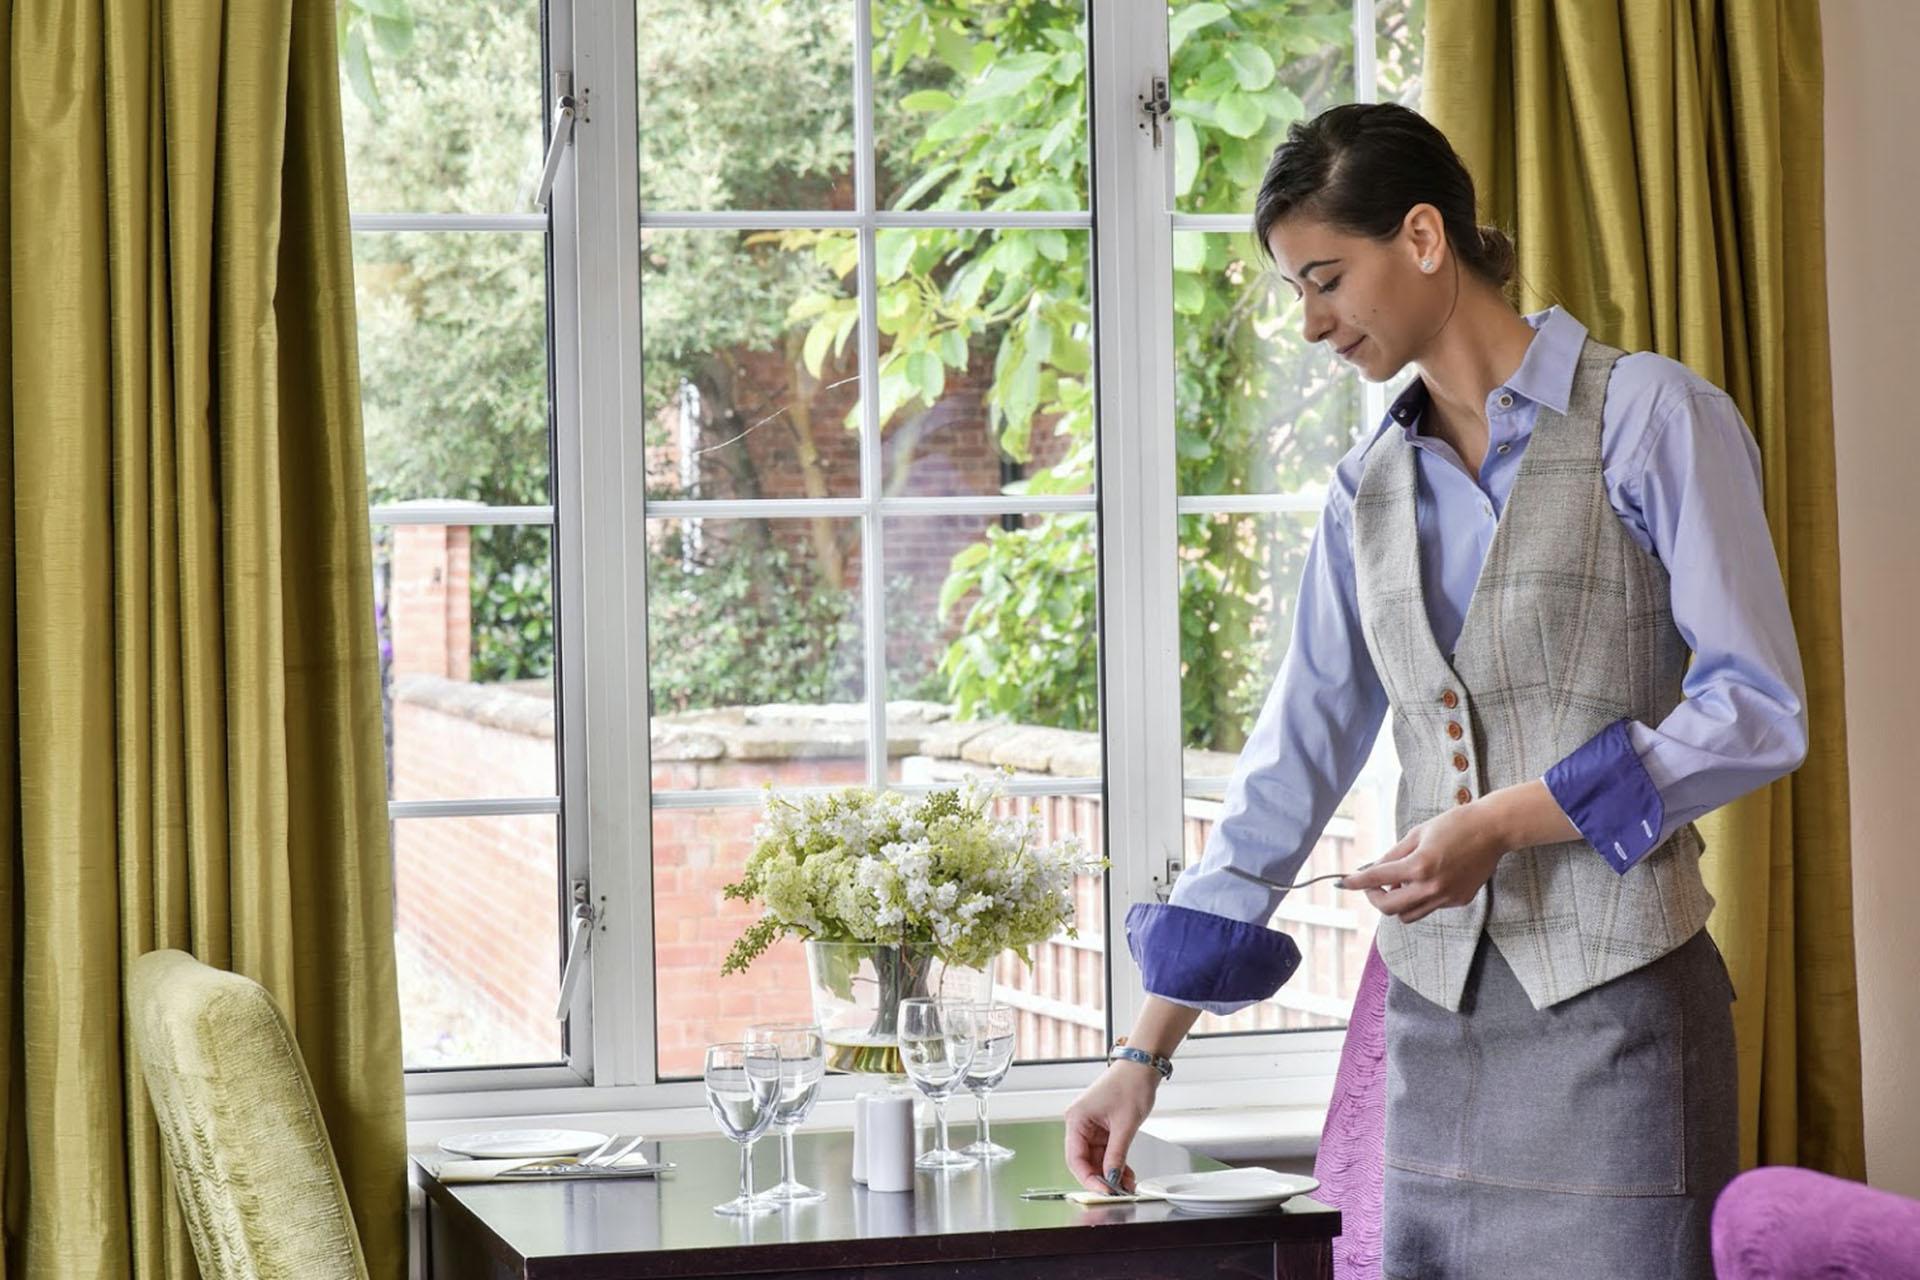 Contact Us at the Charlecote Pheasant Hotel Stratford Upon Avon